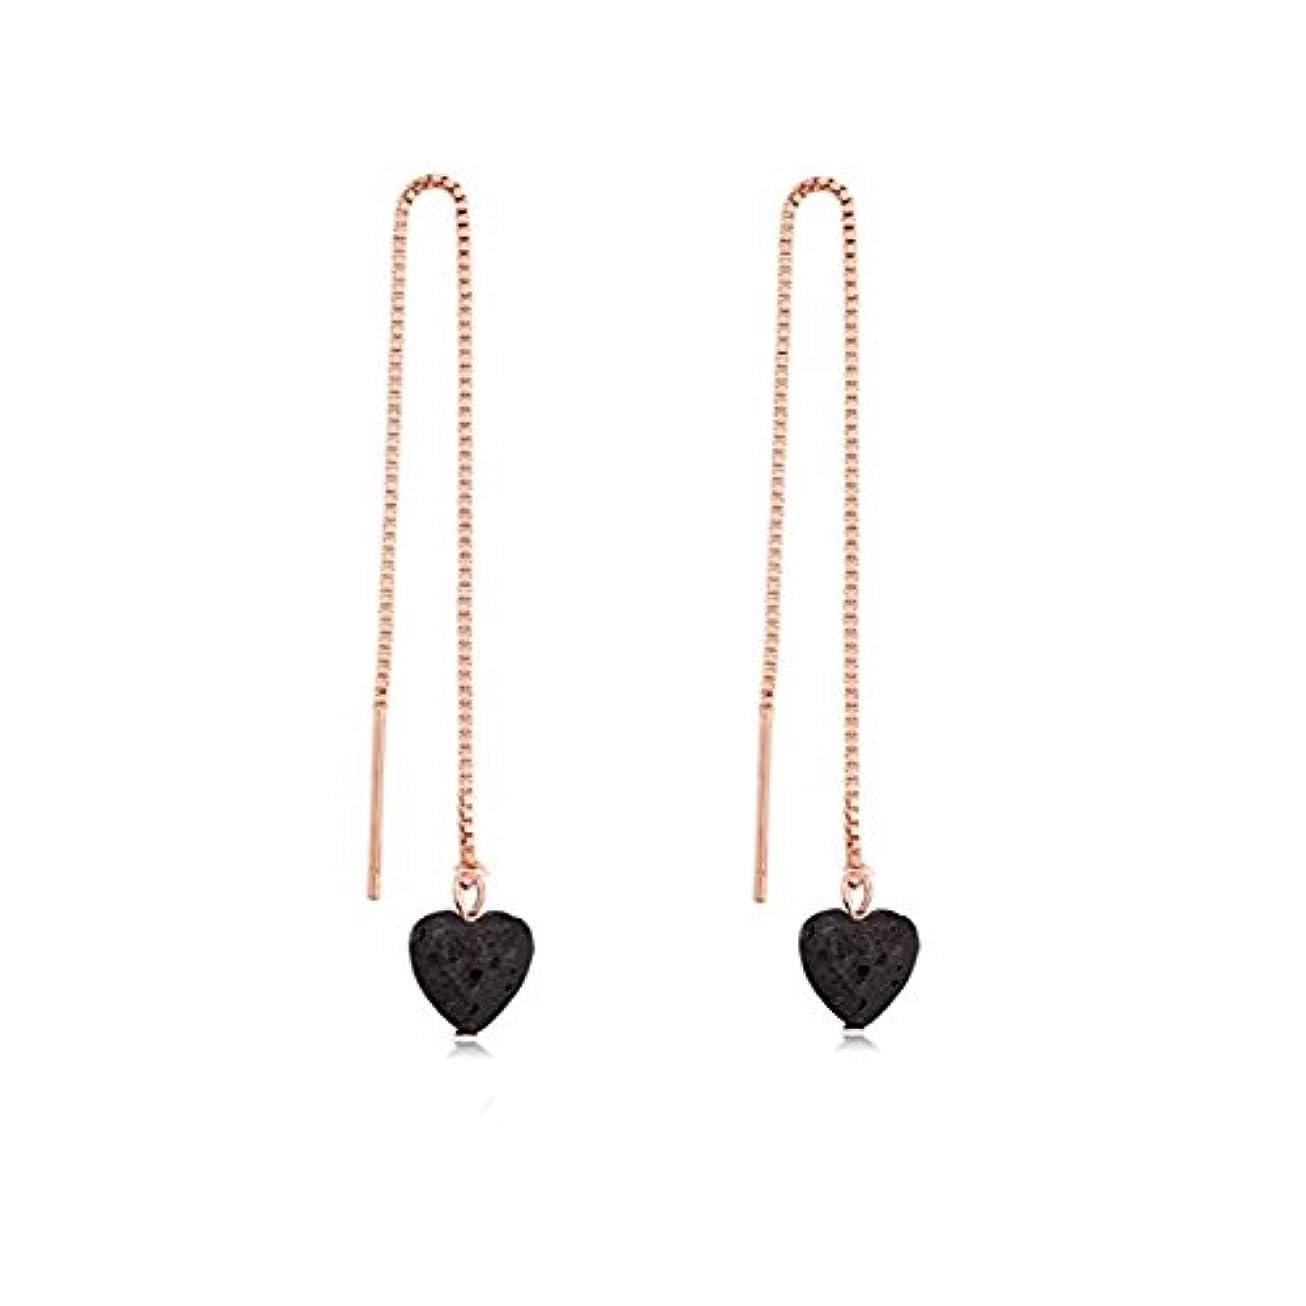 憂鬱なコア潮manzhen Small Heart Shape Lava Stone ThreaderイヤリングEssential Oil Diffuserイヤリング